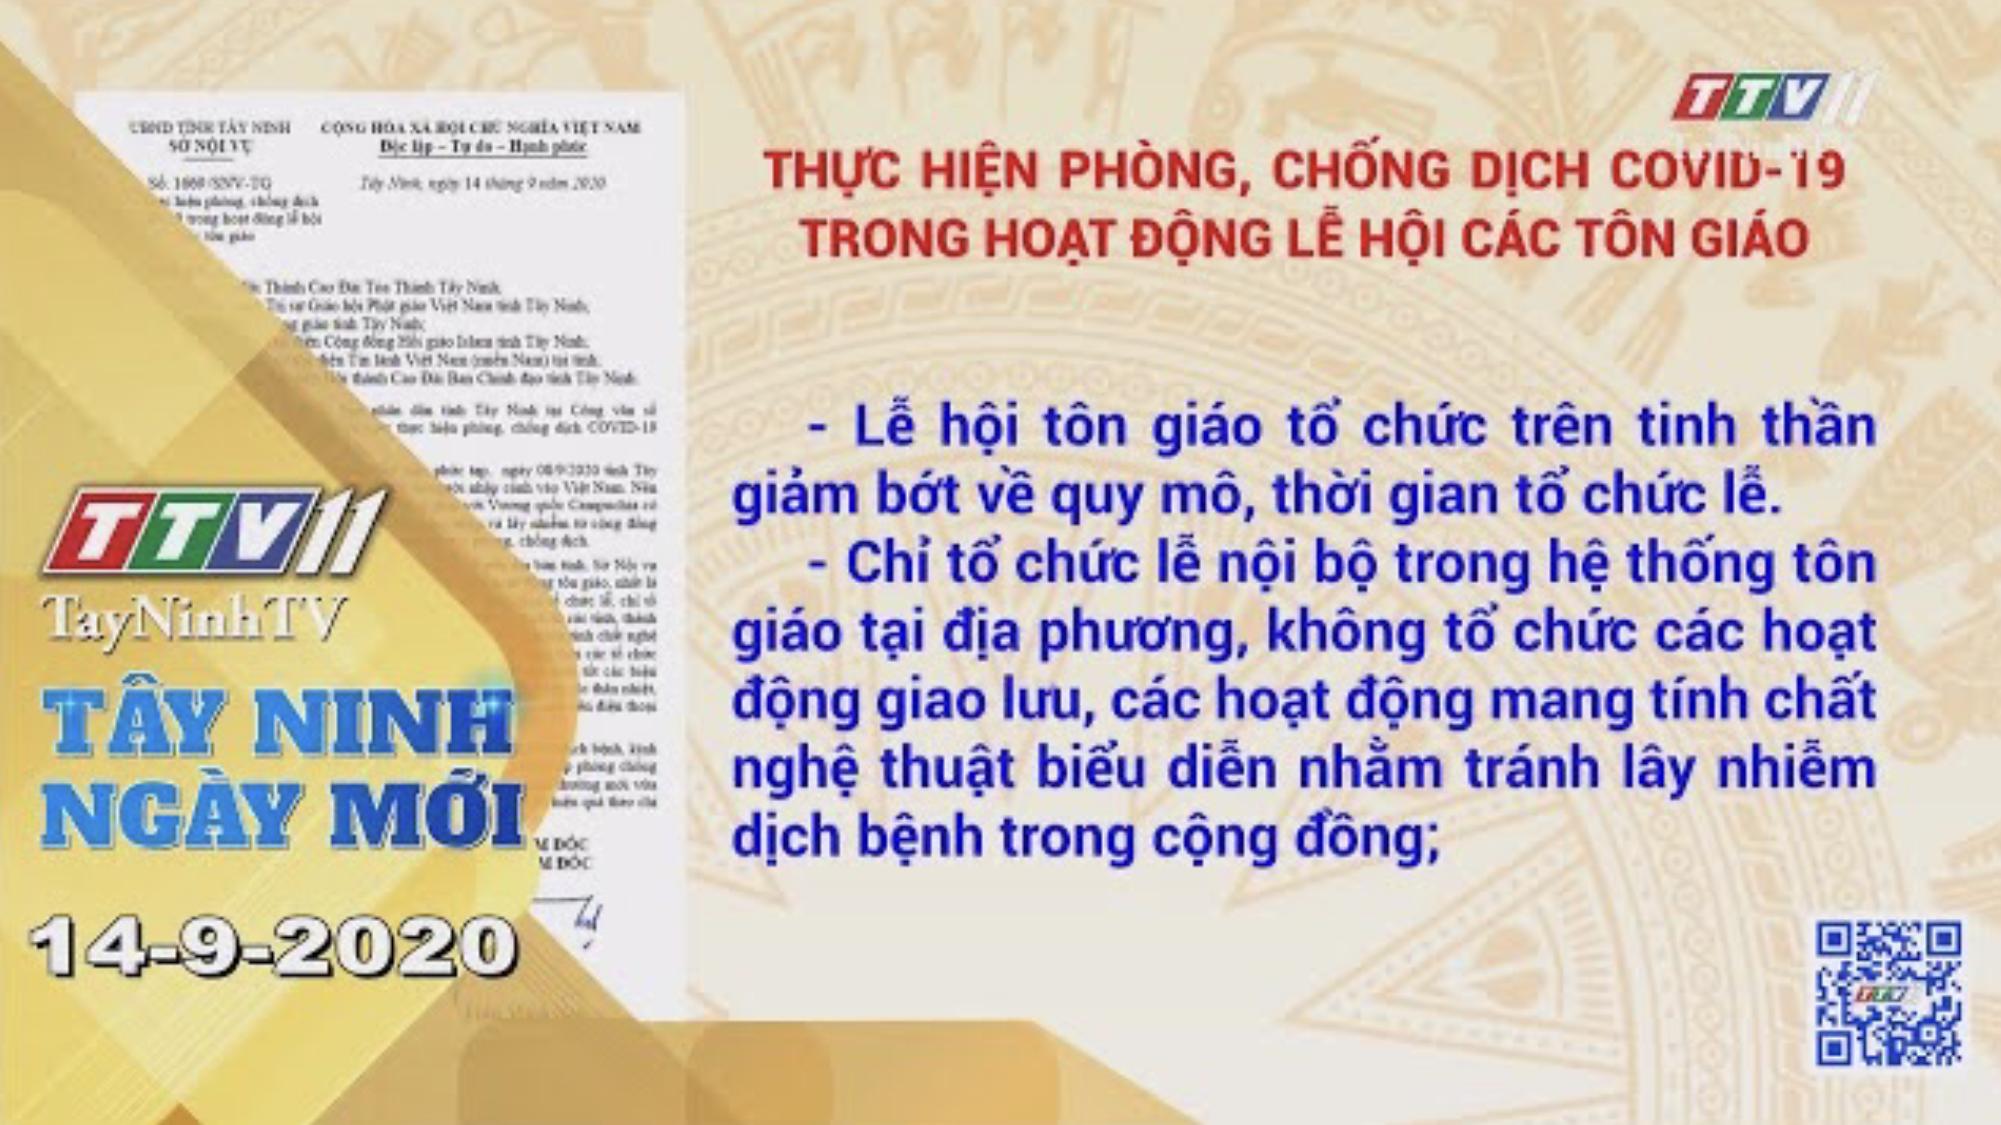 Tây Ninh Ngày Mới 15-9-2020 | Tin tức hôm nay | TayNinhTV